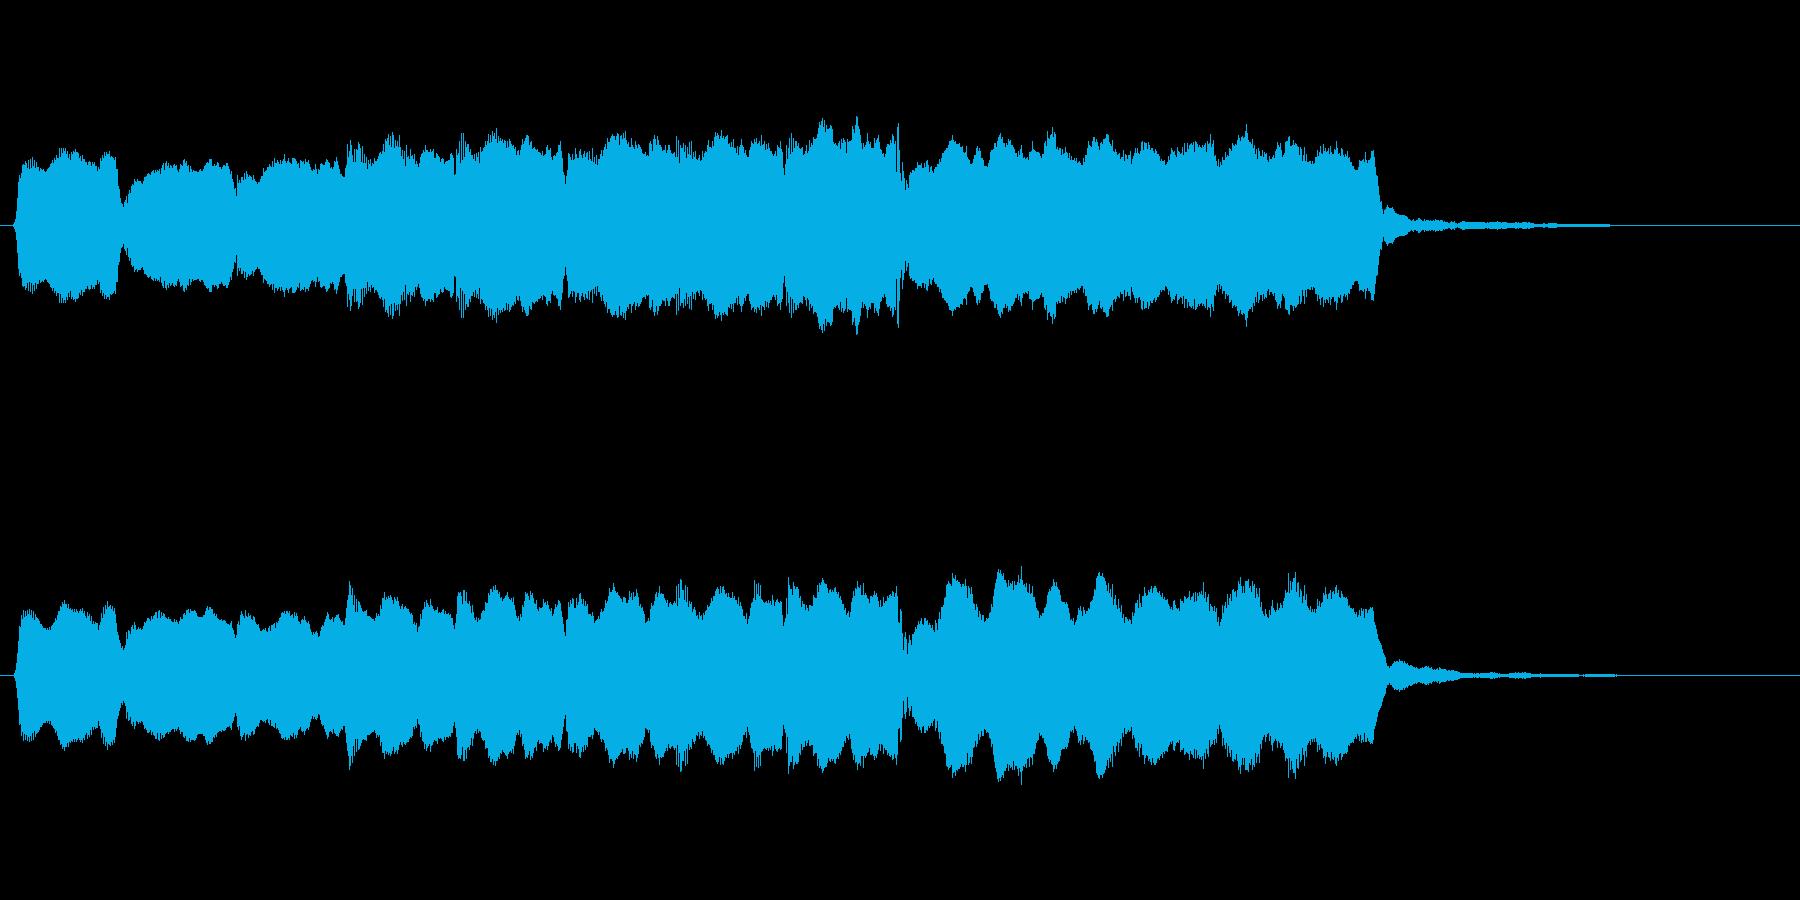 ゆったりとしたフルートのジングルの再生済みの波形